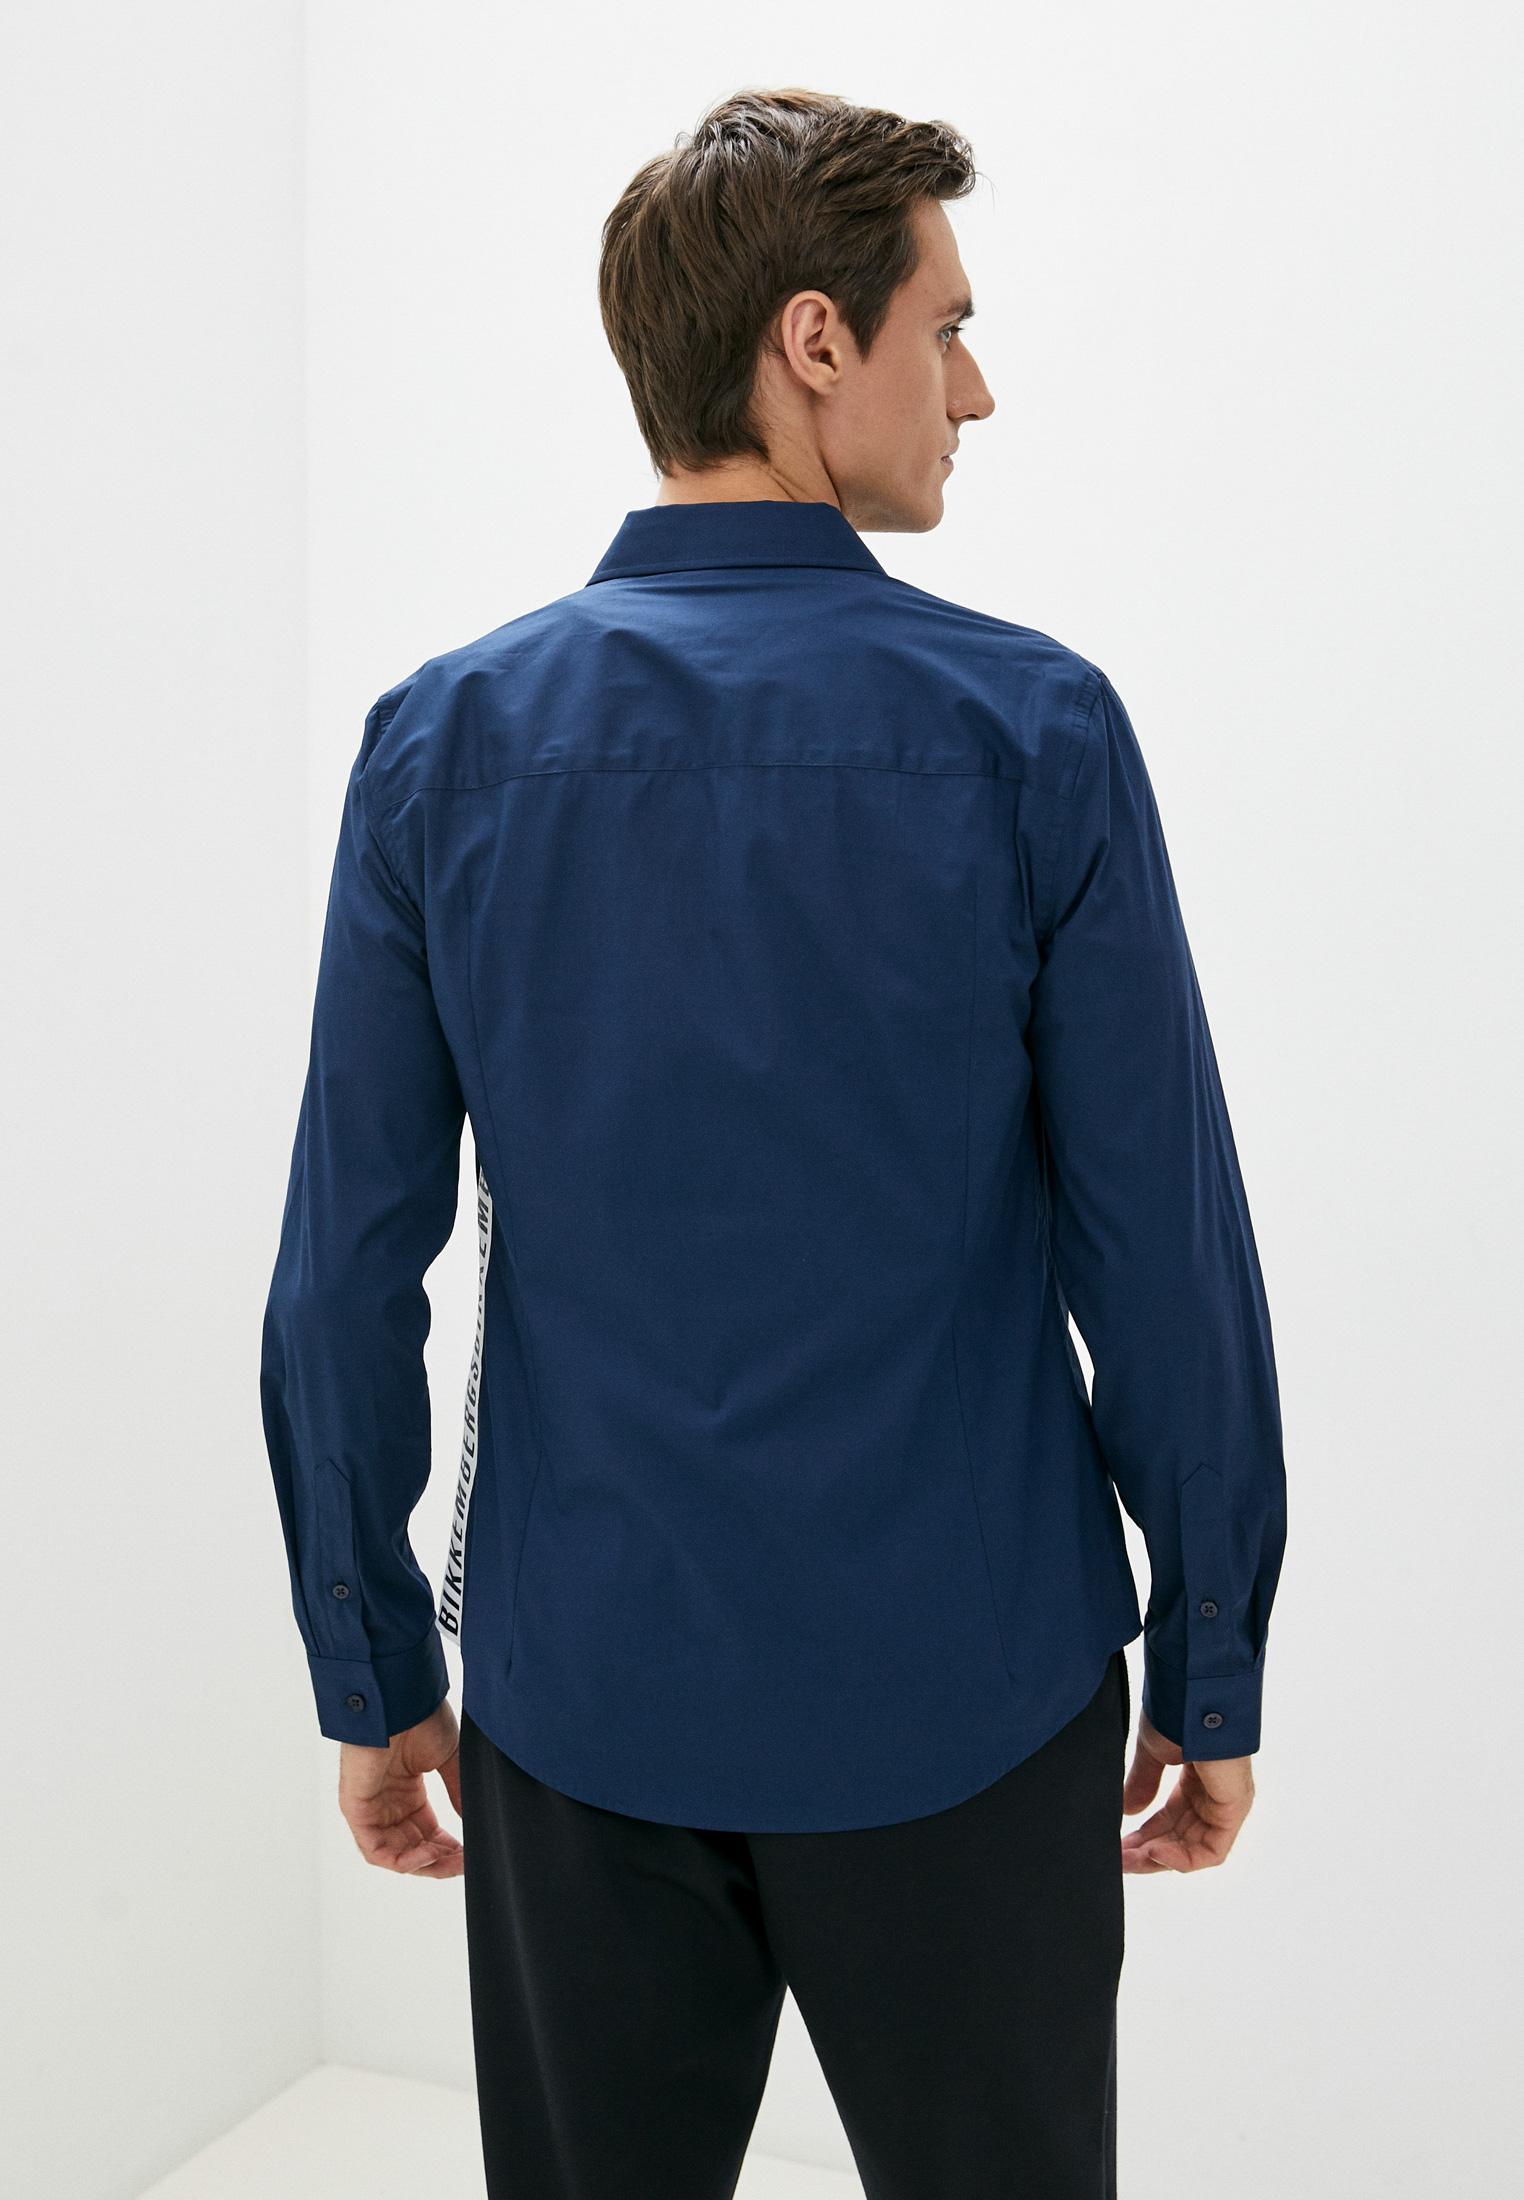 Рубашка с длинным рукавом Bikkembergs (Биккембергс) C C 055 81 S 2931: изображение 9